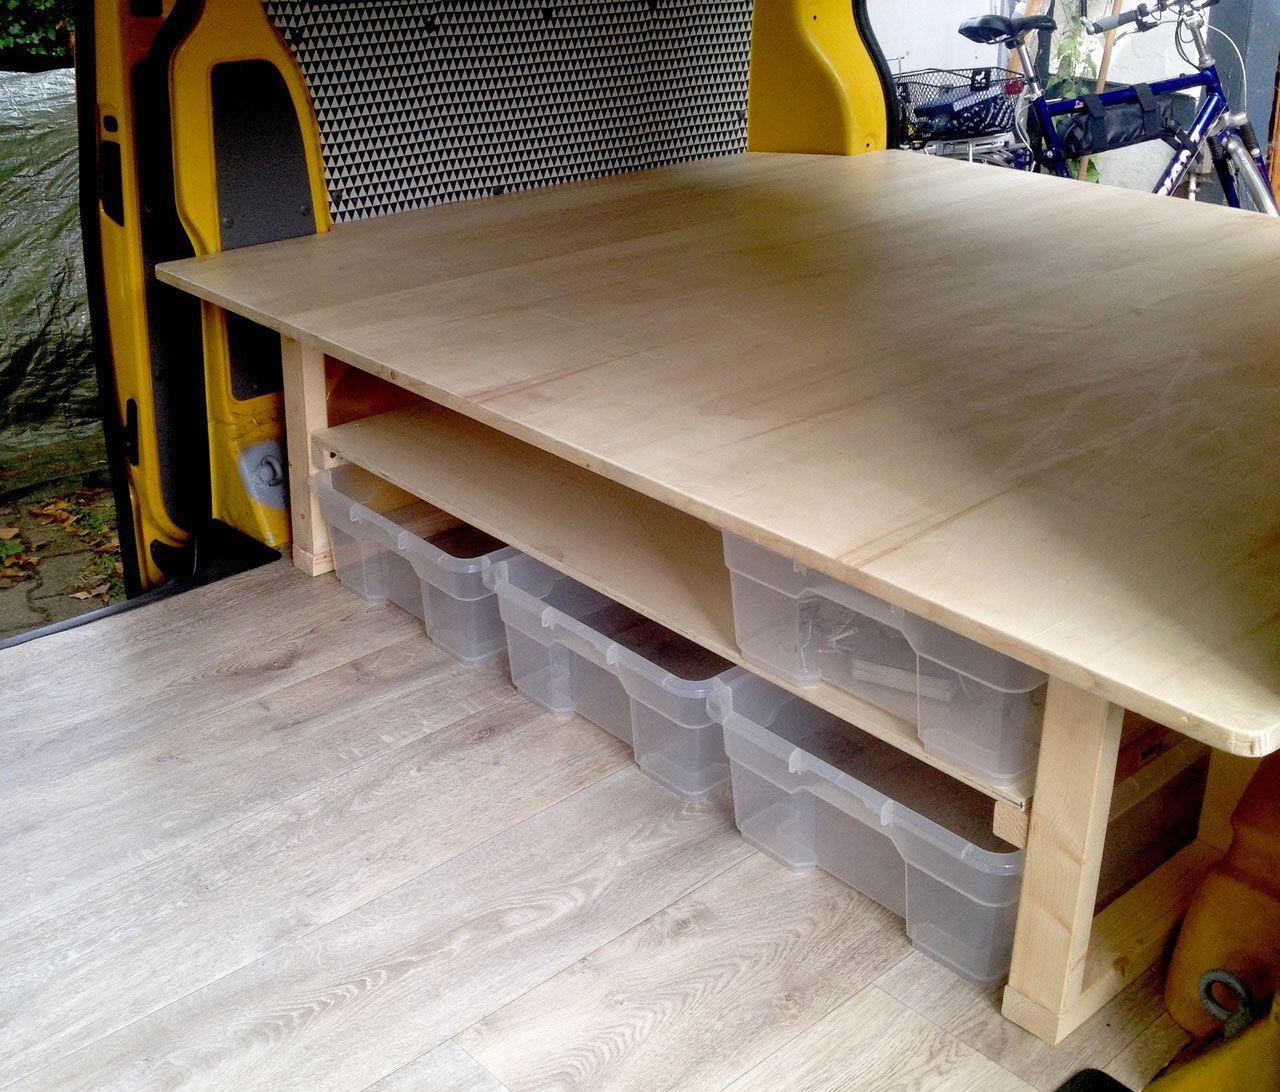 T5 Ausbau Bett von Lybstes.de Camper furniture, Camper